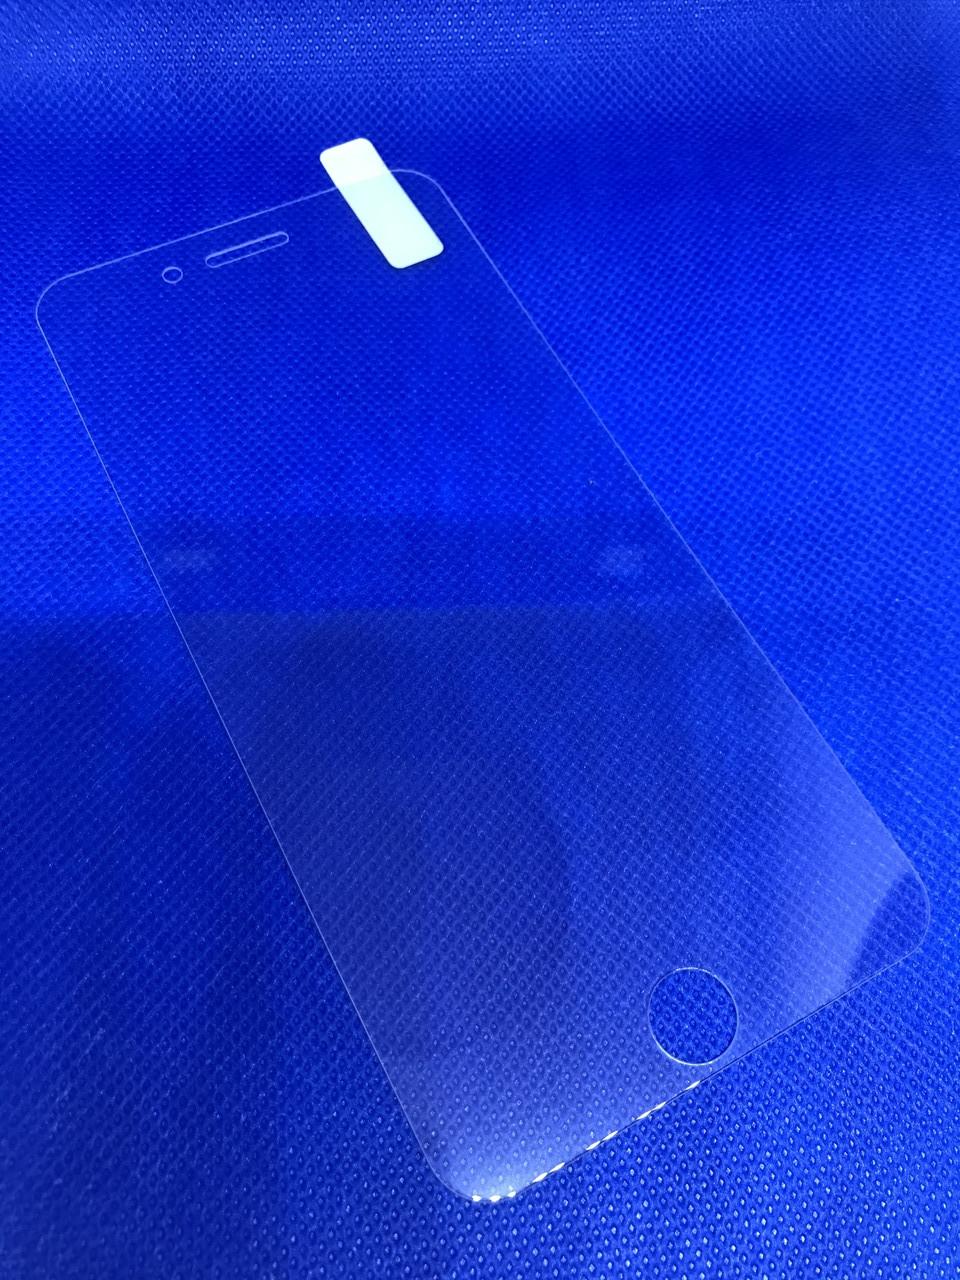 Защитное стекло Apple Iphone 7 Plus (7+) Full Glue 2,5D 3D неполное покрытие полный клей прозрачное